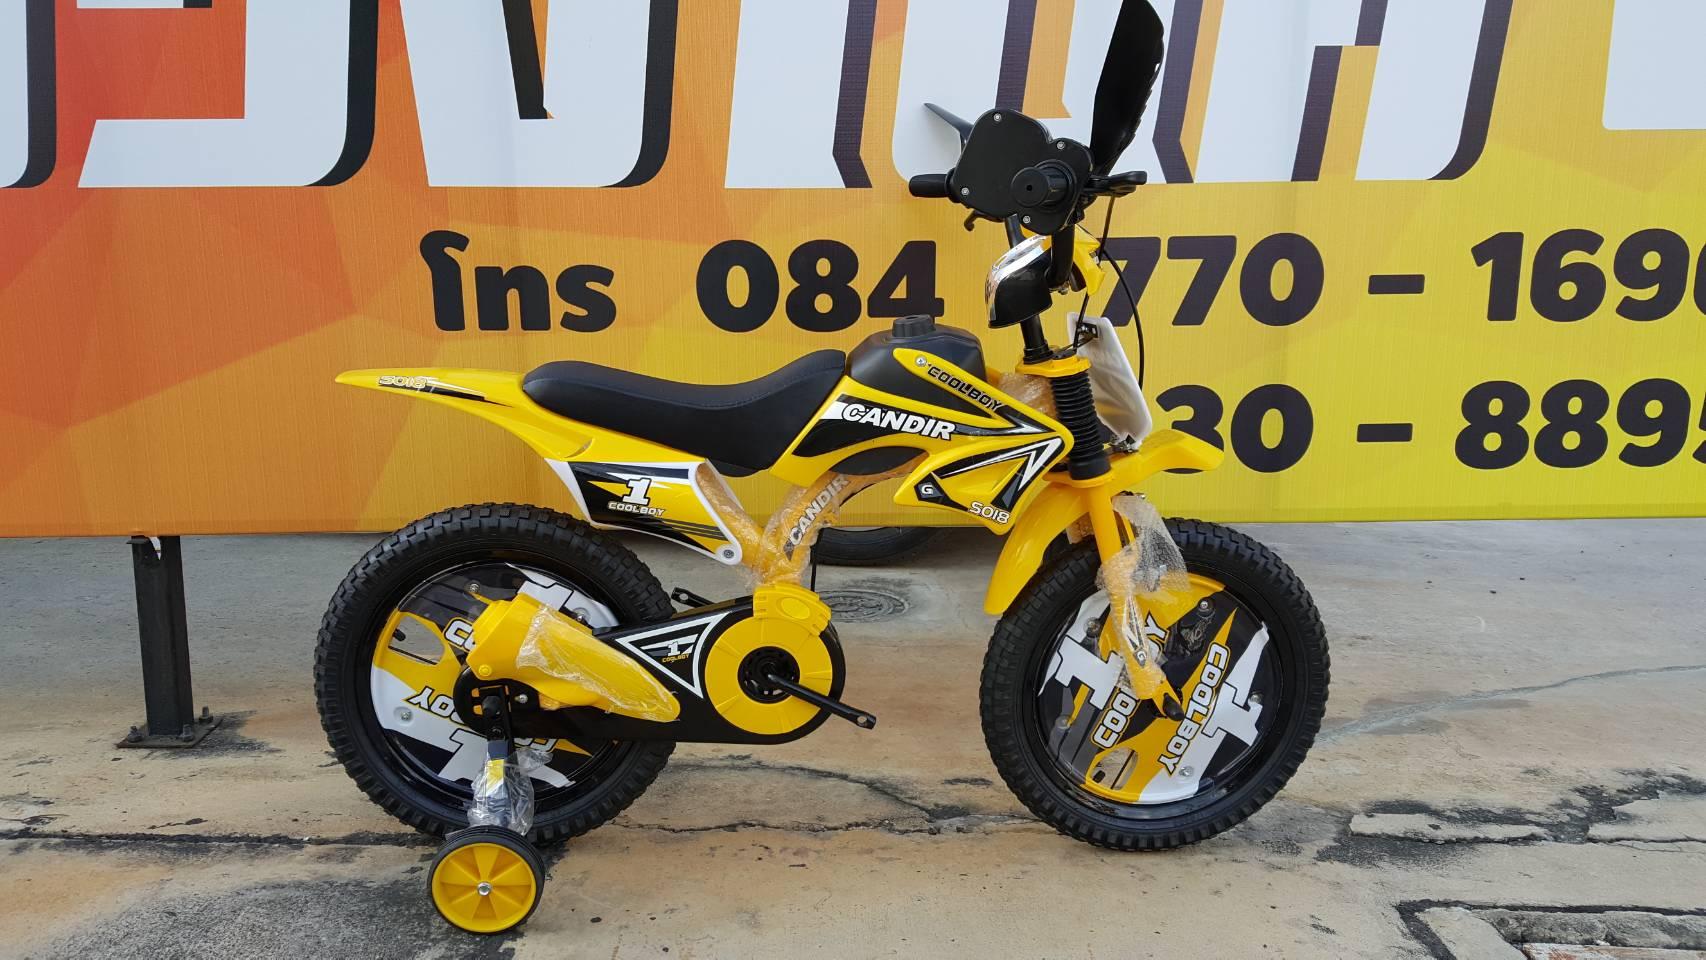 จักรยานโมโตครอส Candir สีดำเหลือง ล้อ 16 นิ้ว พร้อล้อช่วยข้าง และคันเร่งมีเสียงเหมือนมอเตอร์ไซค์